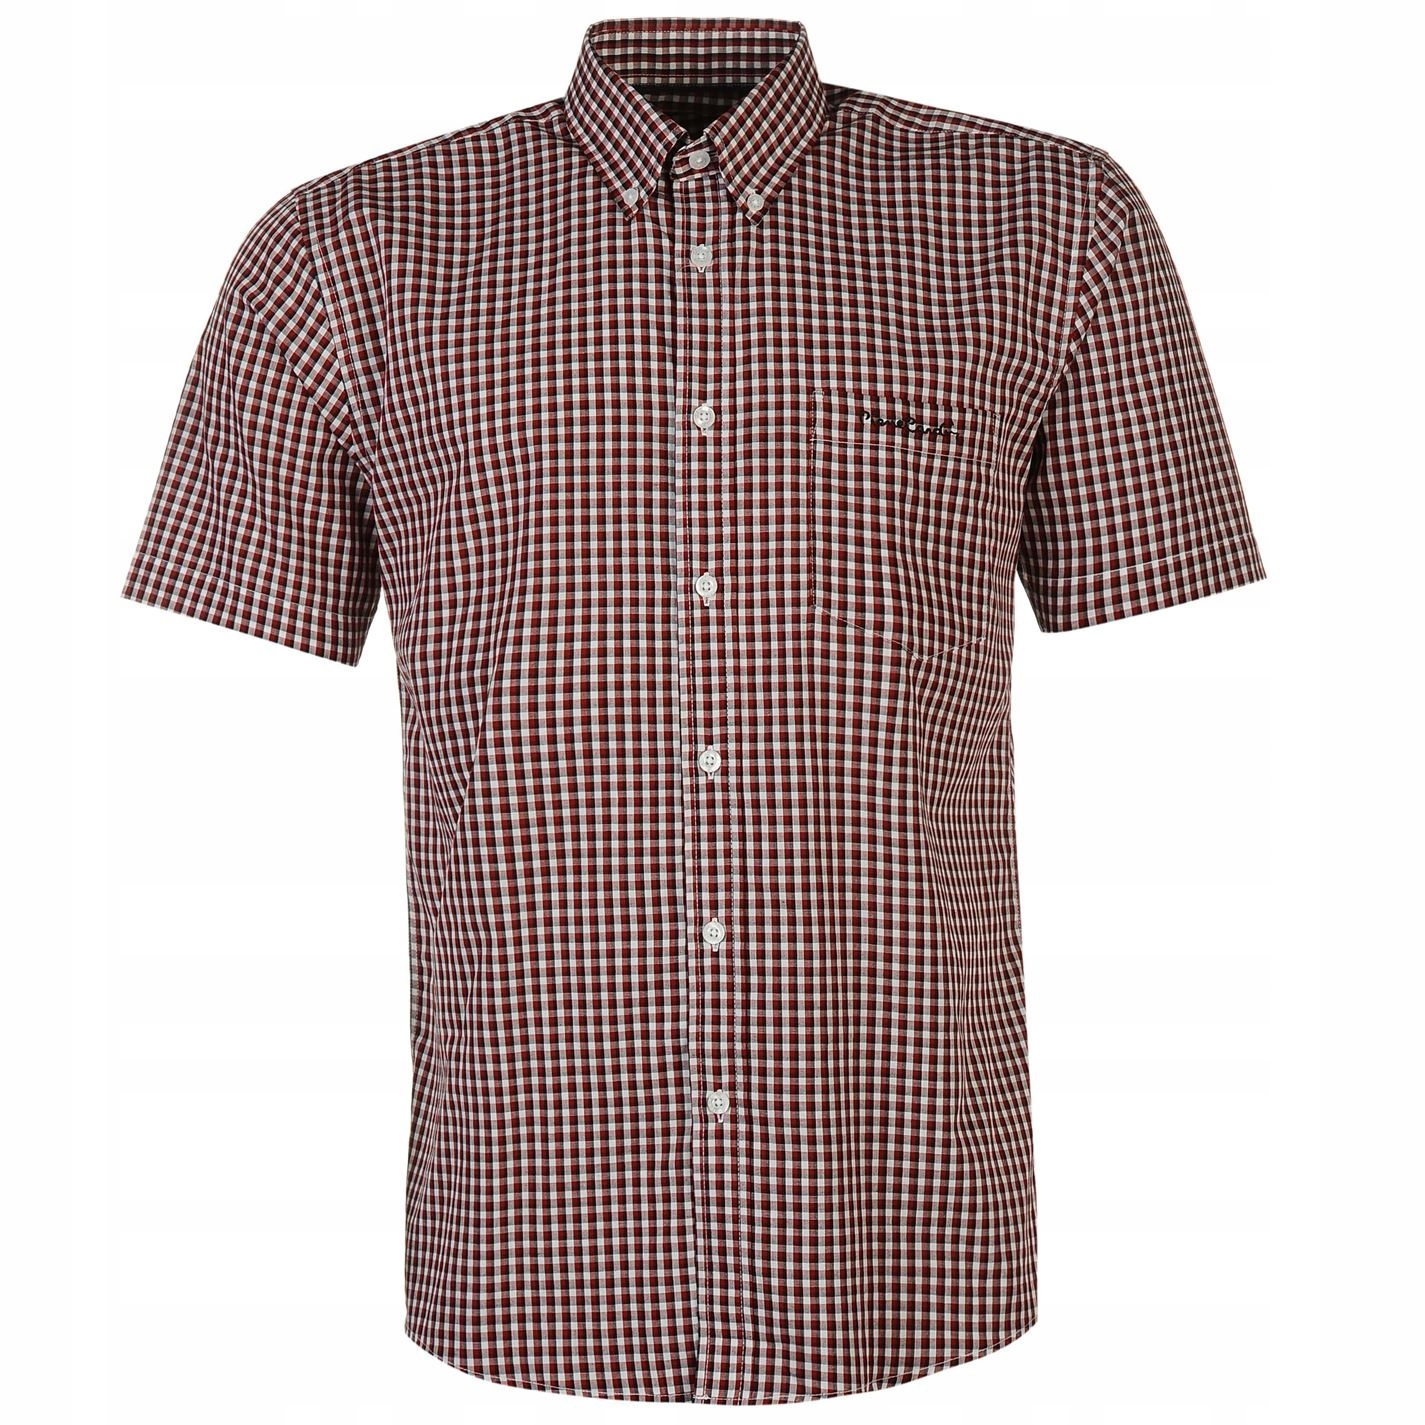 Koszula męska Pierre Cardin 3XL XXXL różne wzory